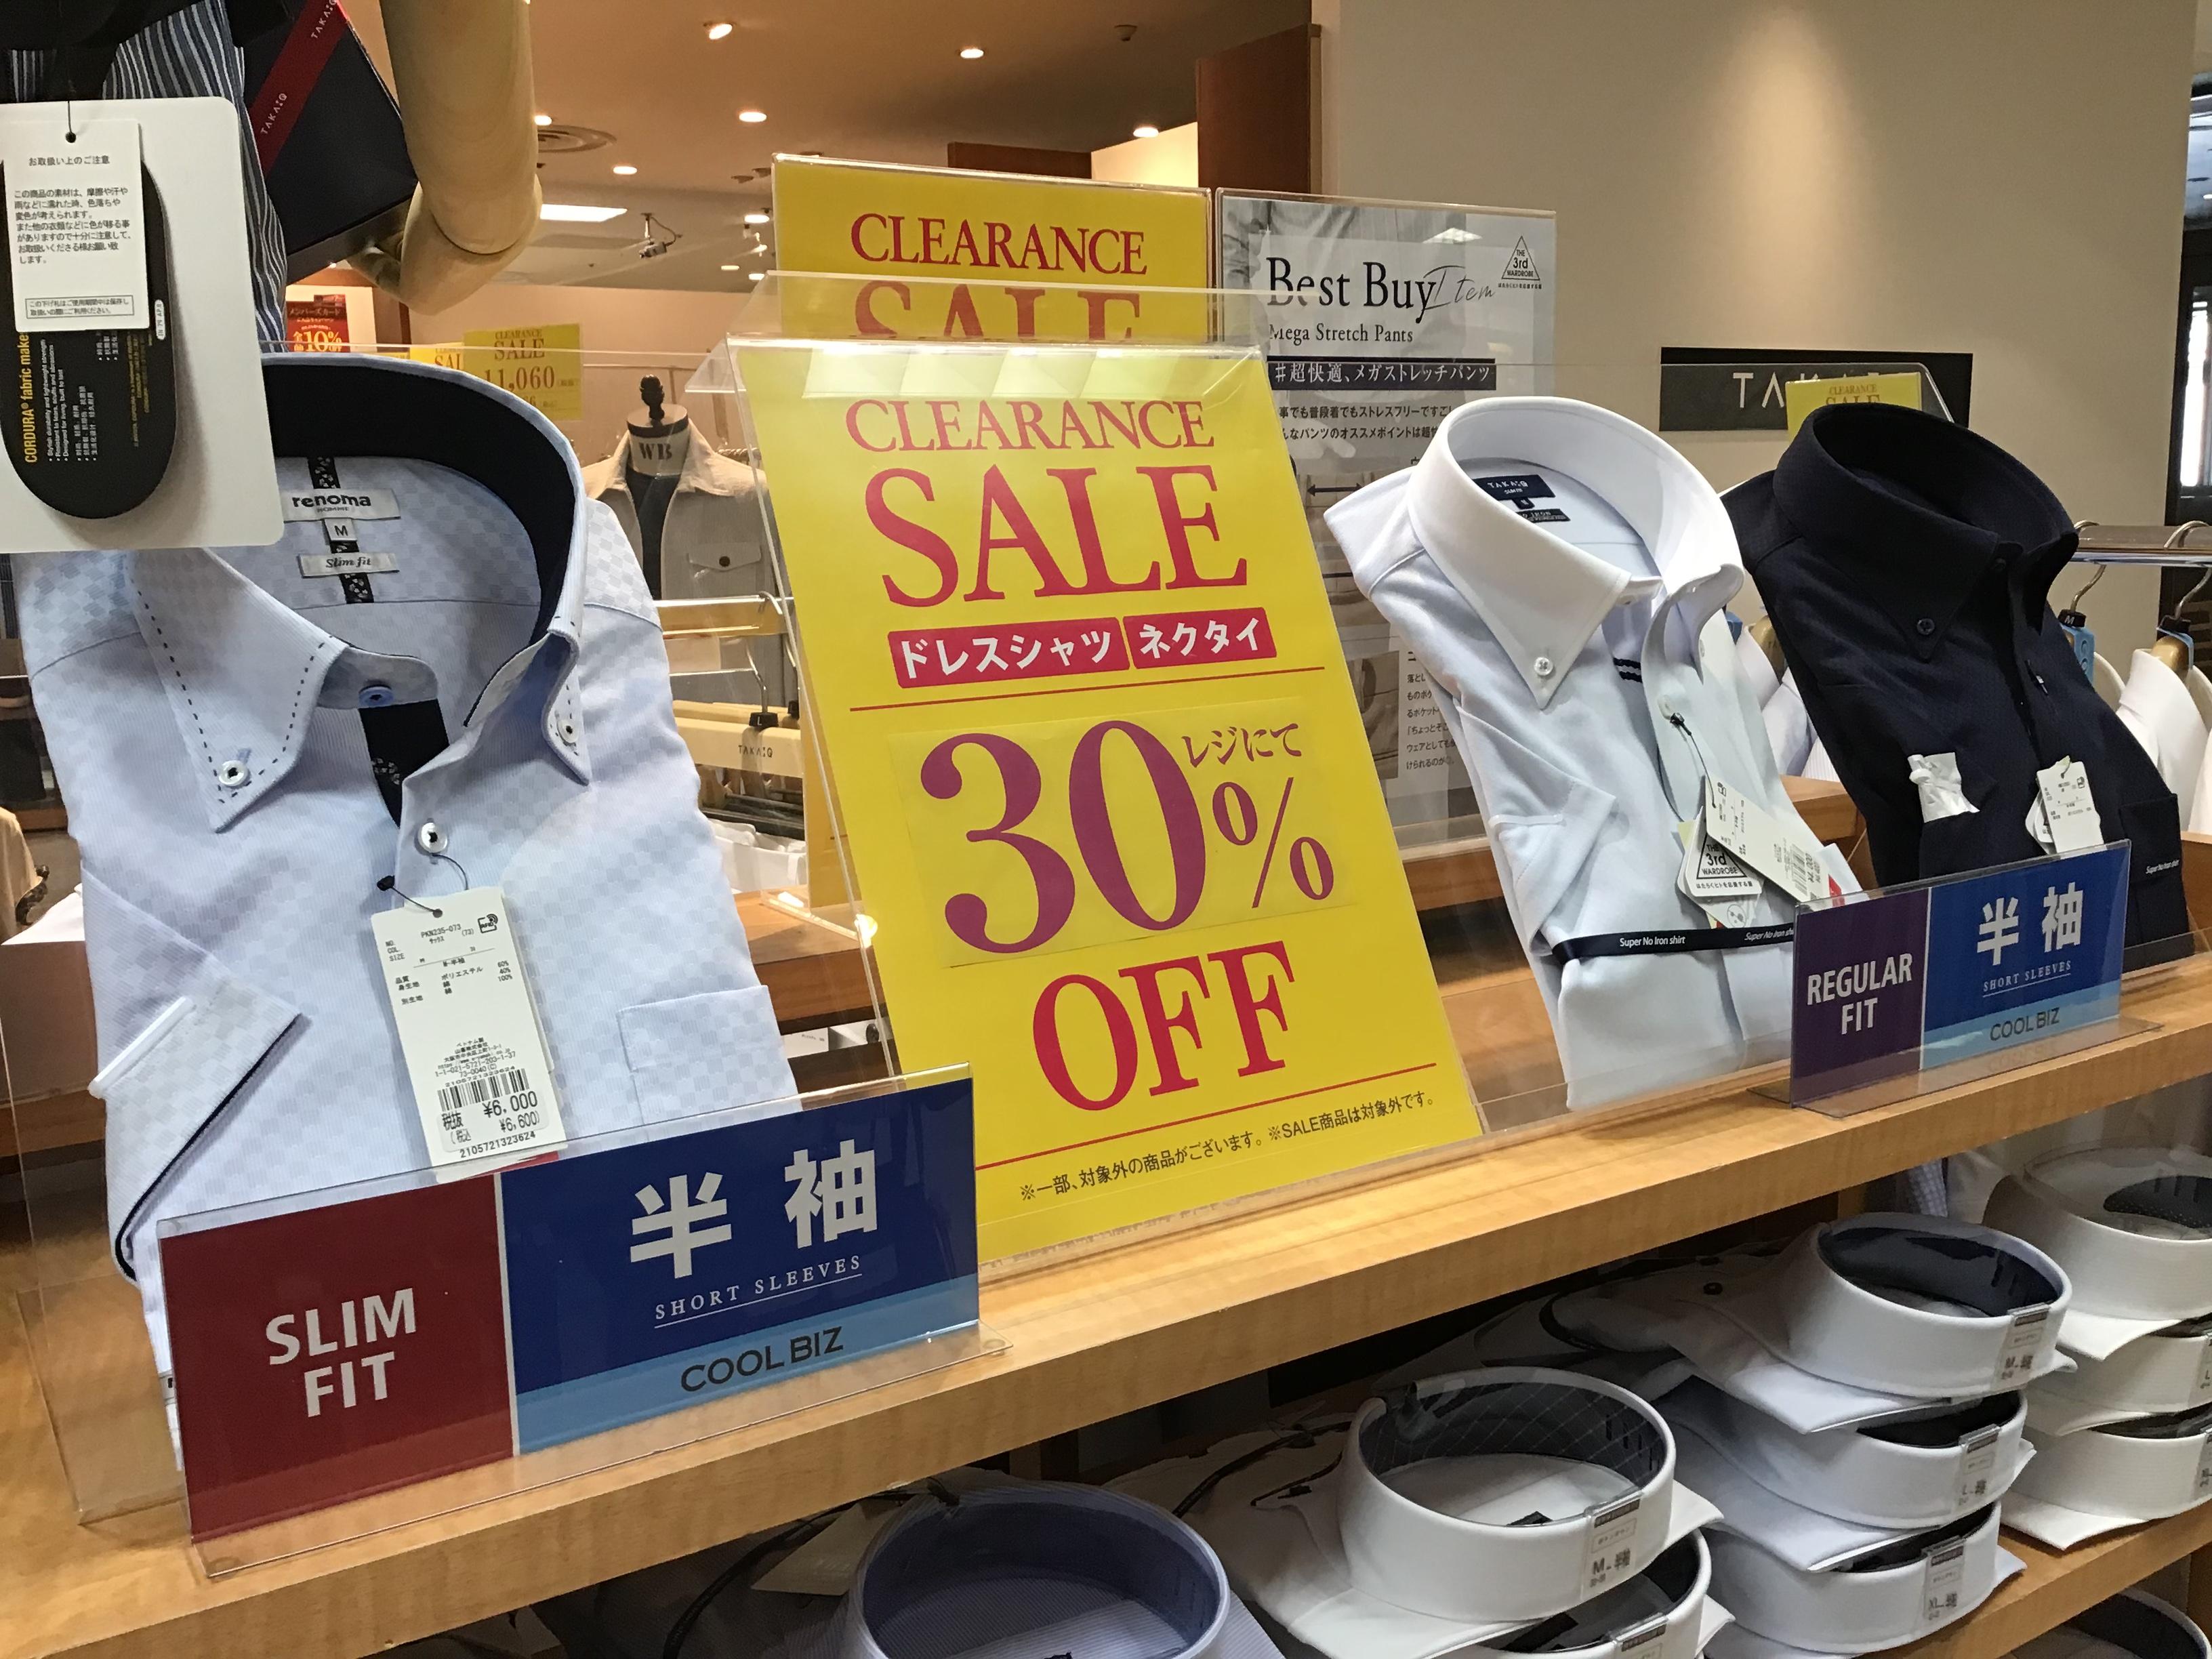 期間限定でビジネスシャツ、ネクタイが30%OFF実施中!!